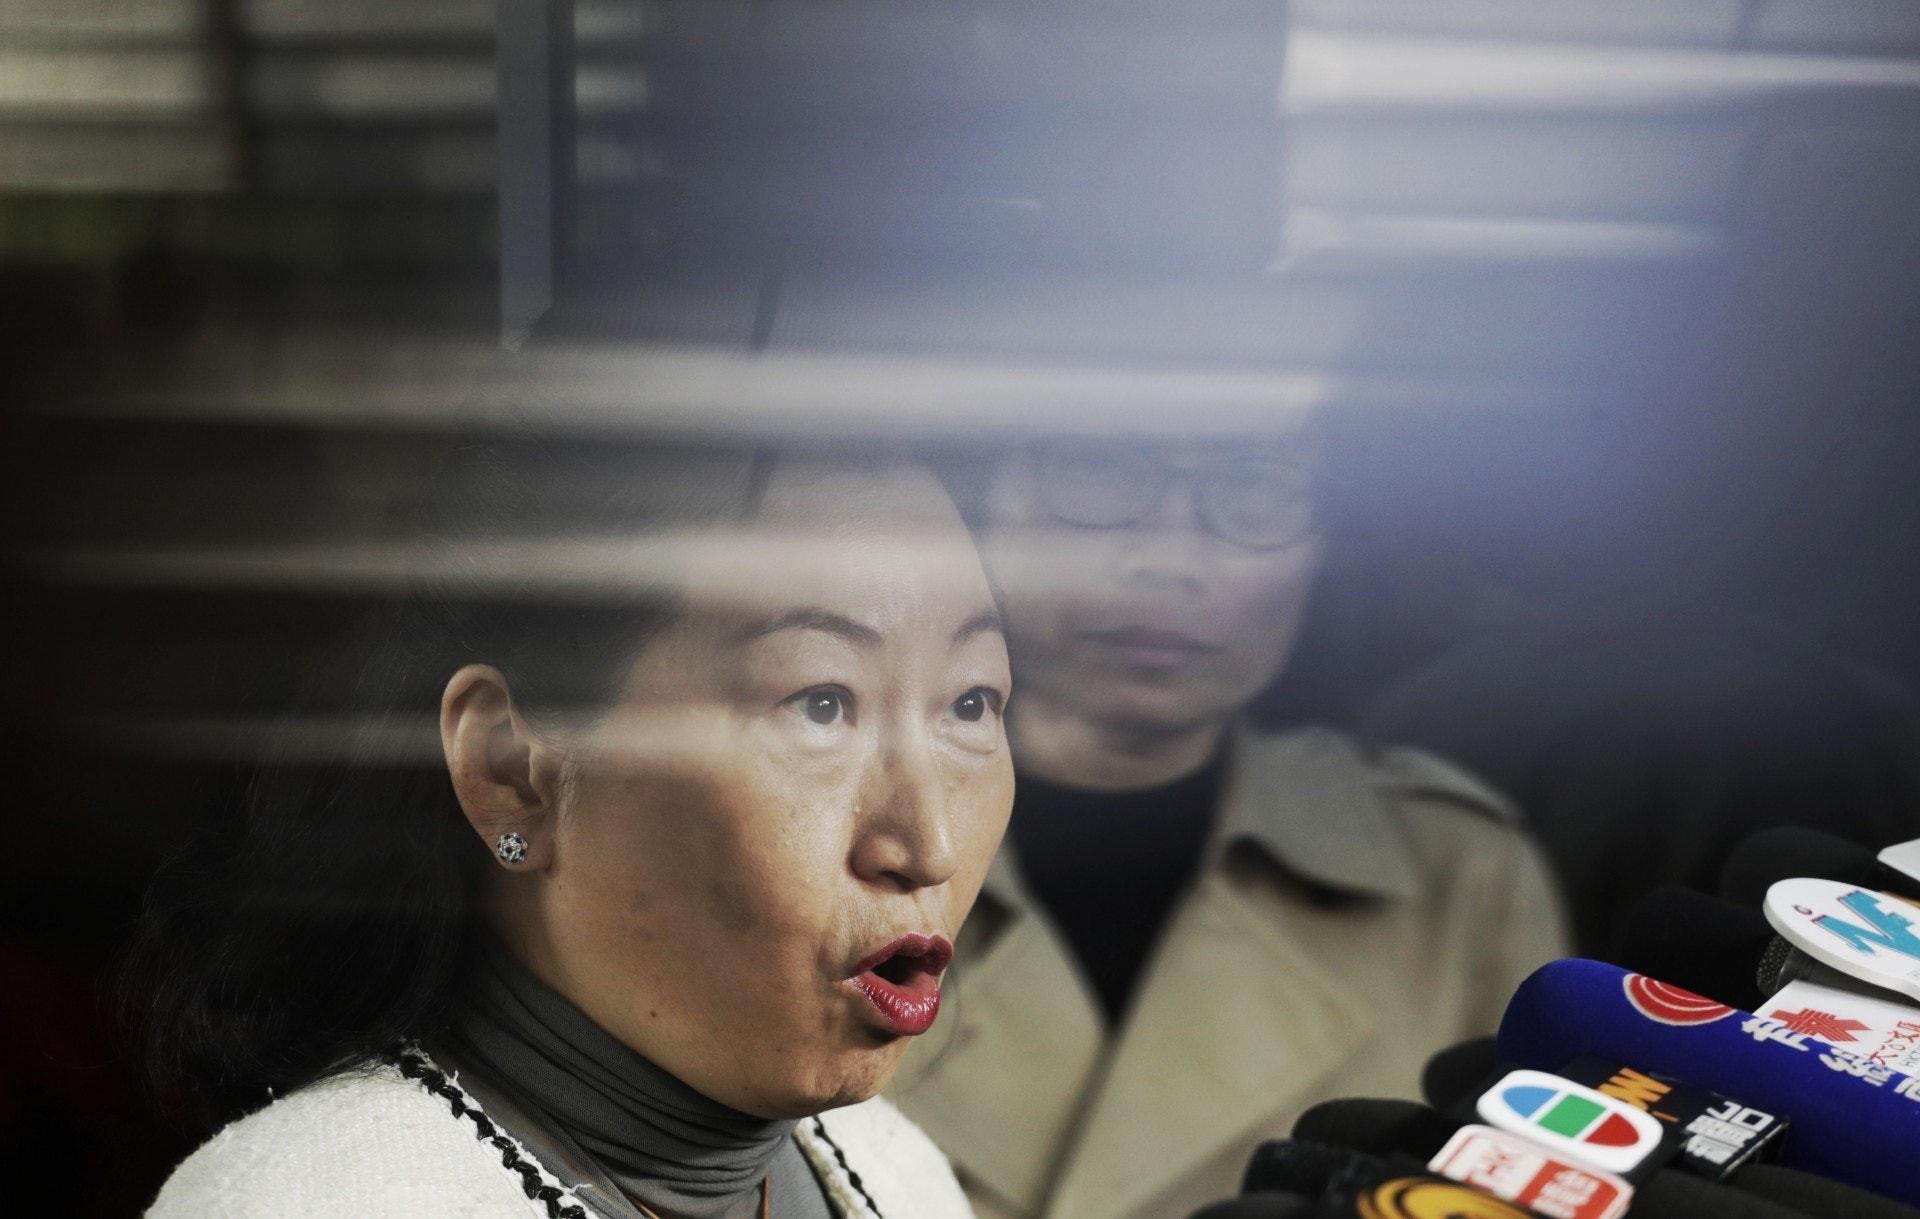 鄭若驊任仲裁員時無申報兒子曾任職案中律師行 被要求撤銷資格|香港01|政情